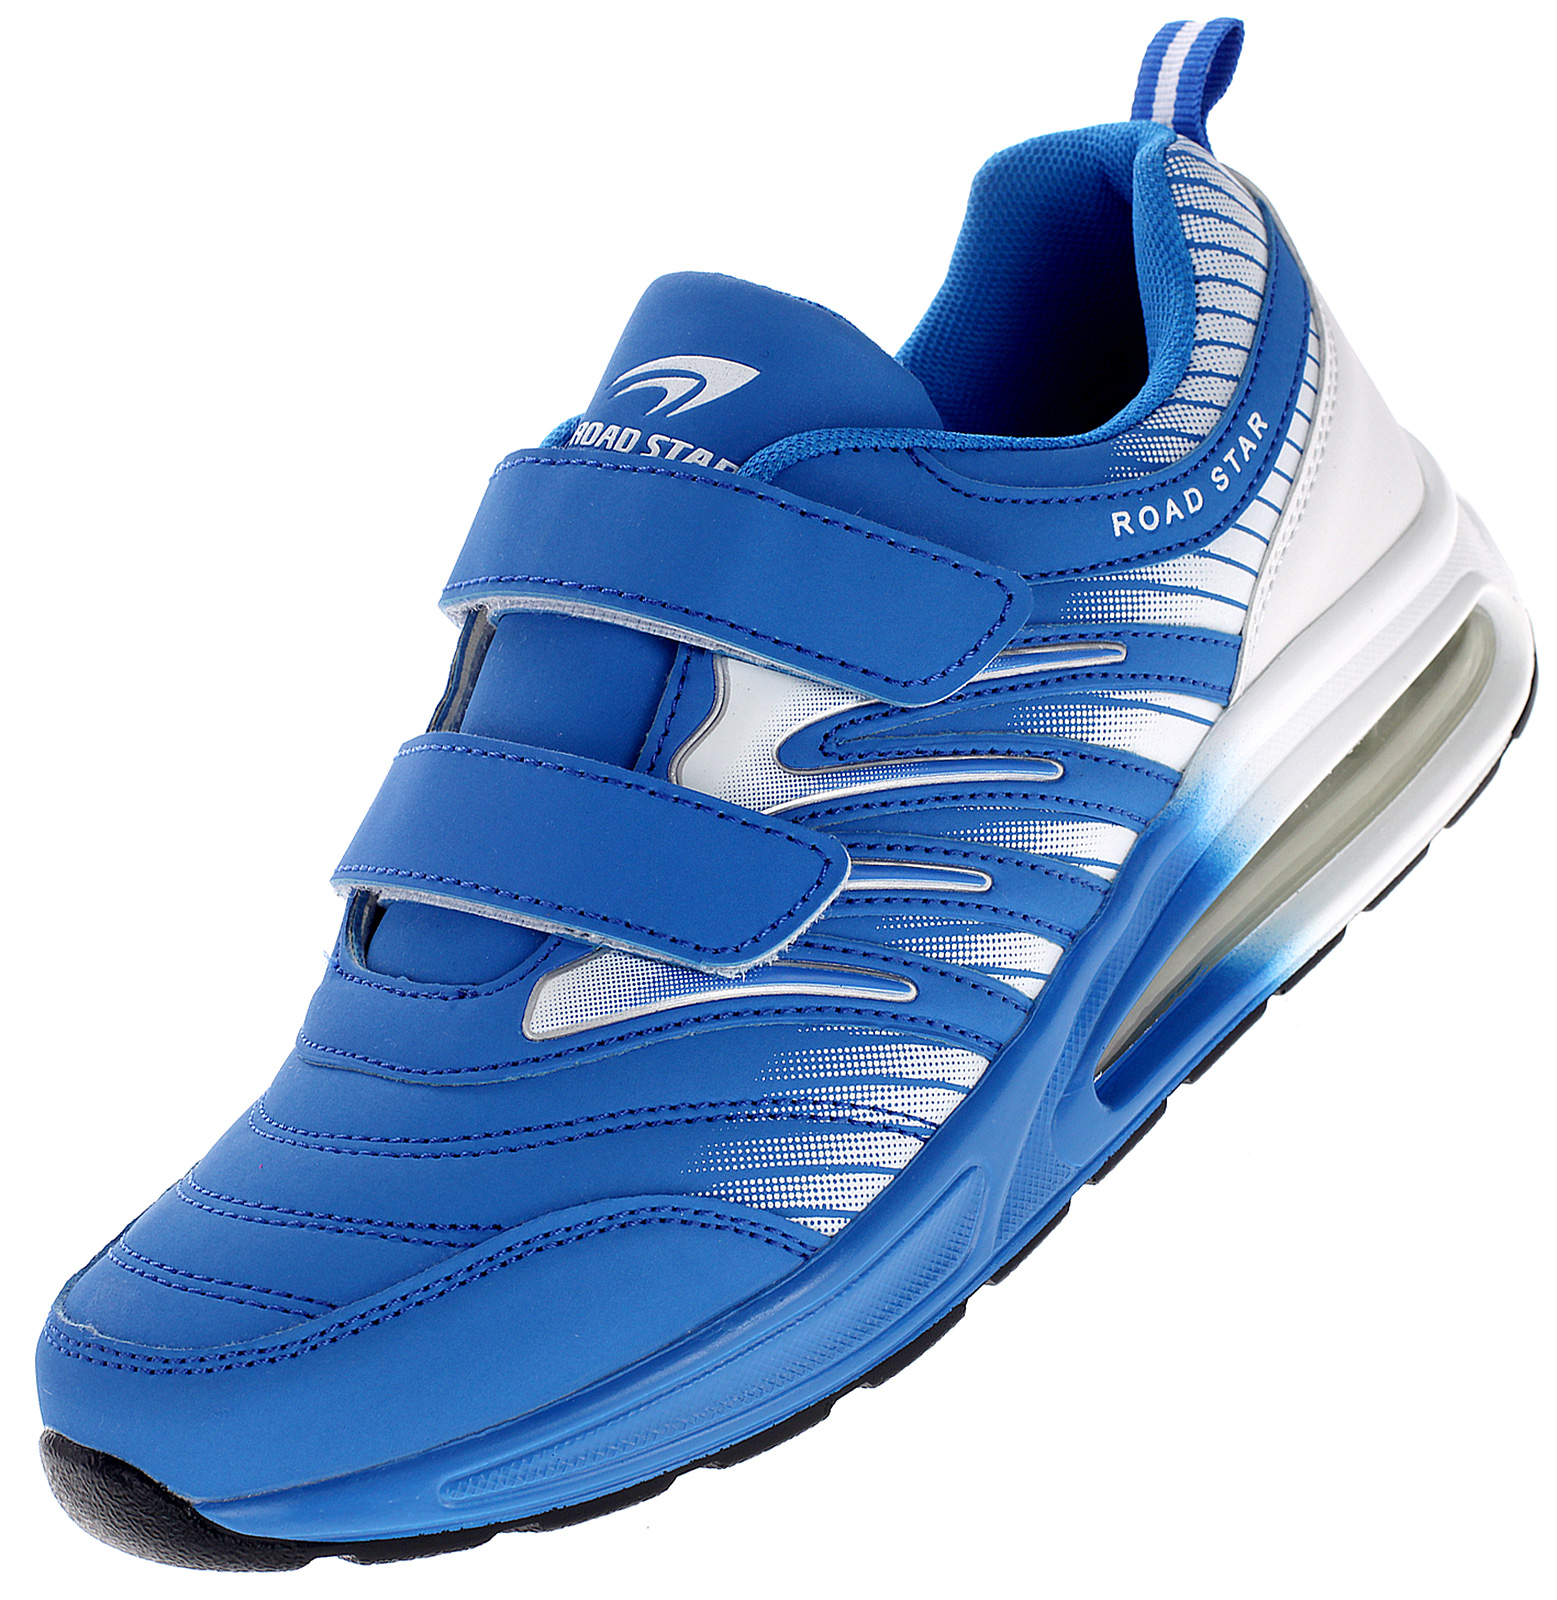 6. Blau-Weiß